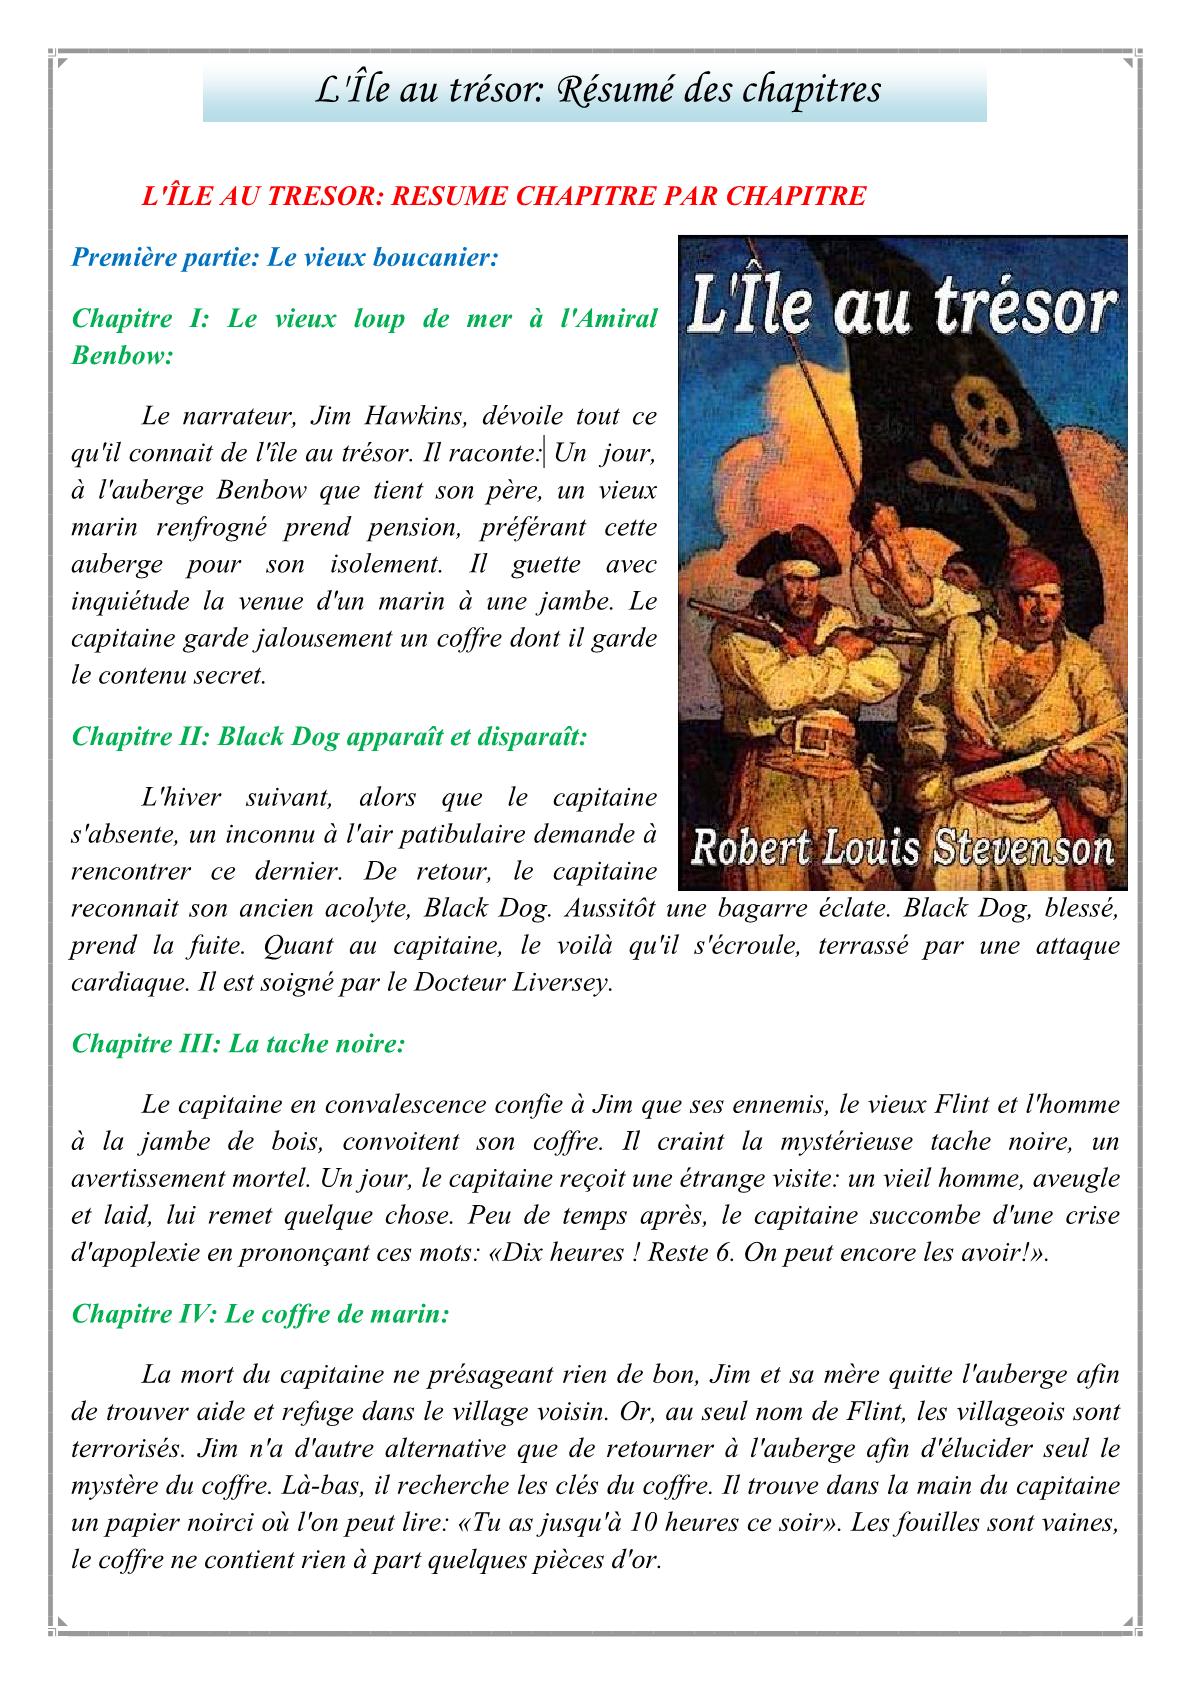 درس L'Île au trésor: Résumé des chapitres للمستوى الثالثة إعدادي